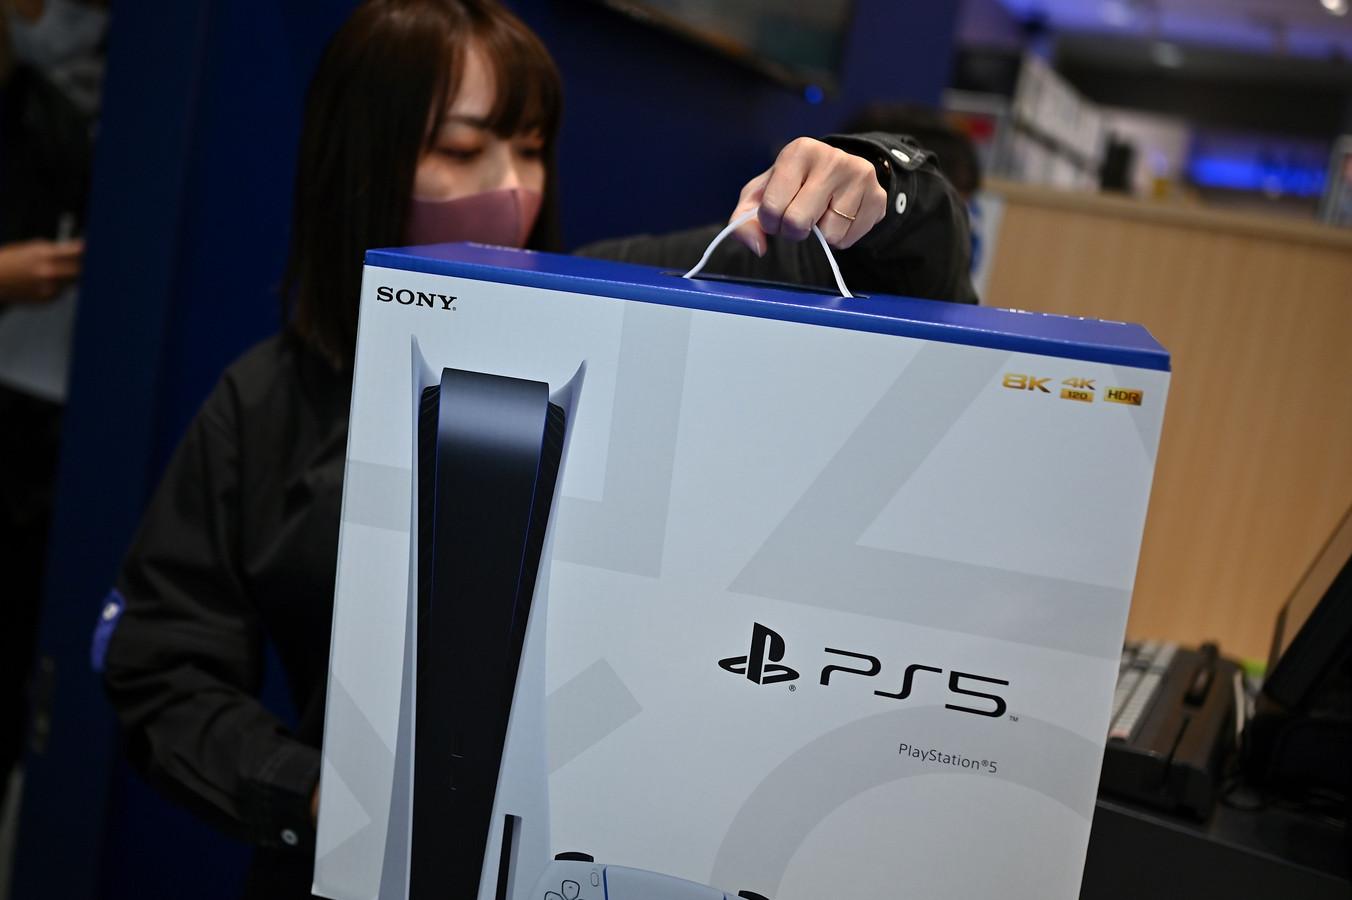 De releasedag van de PlayStation 5 in Nederland nadert, maar er zullen naar verwachting veel mensen zonder console komen te zitten.